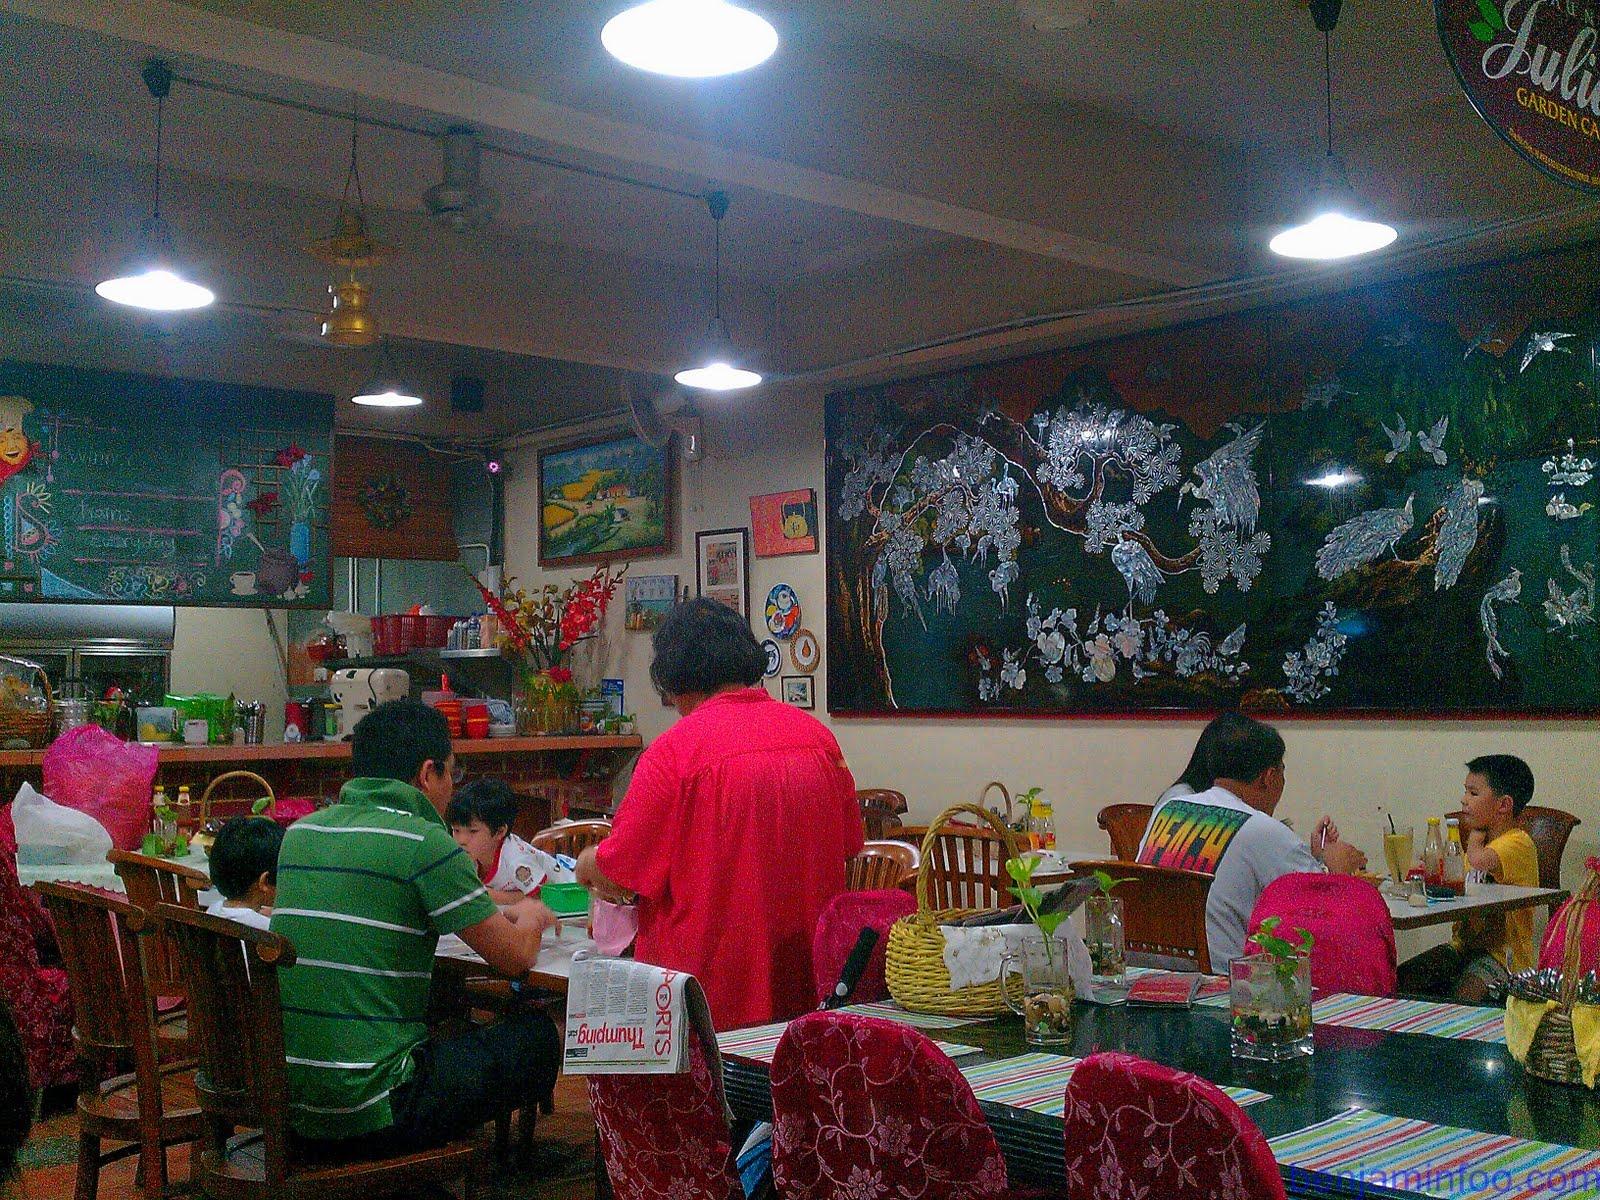 Auntie Juliet Garden Cafe Menu